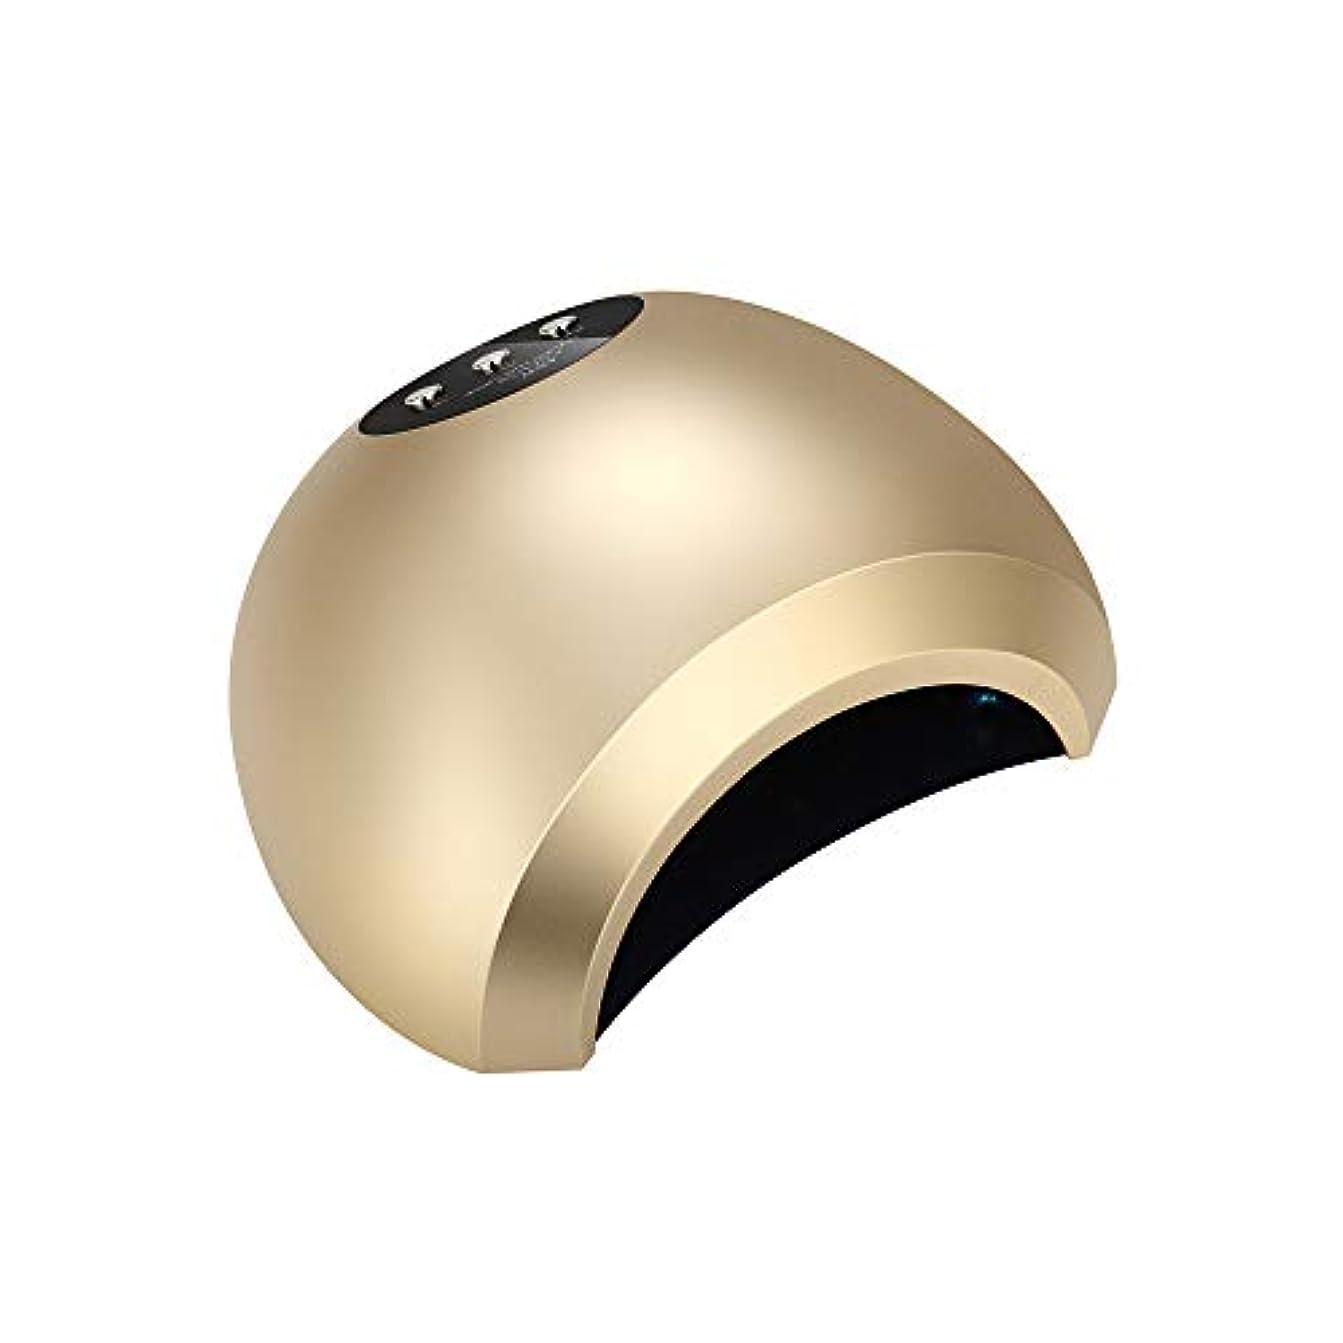 ラフ睡眠デザイナー失態48Wインテリジェント誘導デュアル光源放熱無痛速乾性光線療法ランプネイルポリッシュグルーライト速乾性ドライヤーネイルポリッシュUVランプ